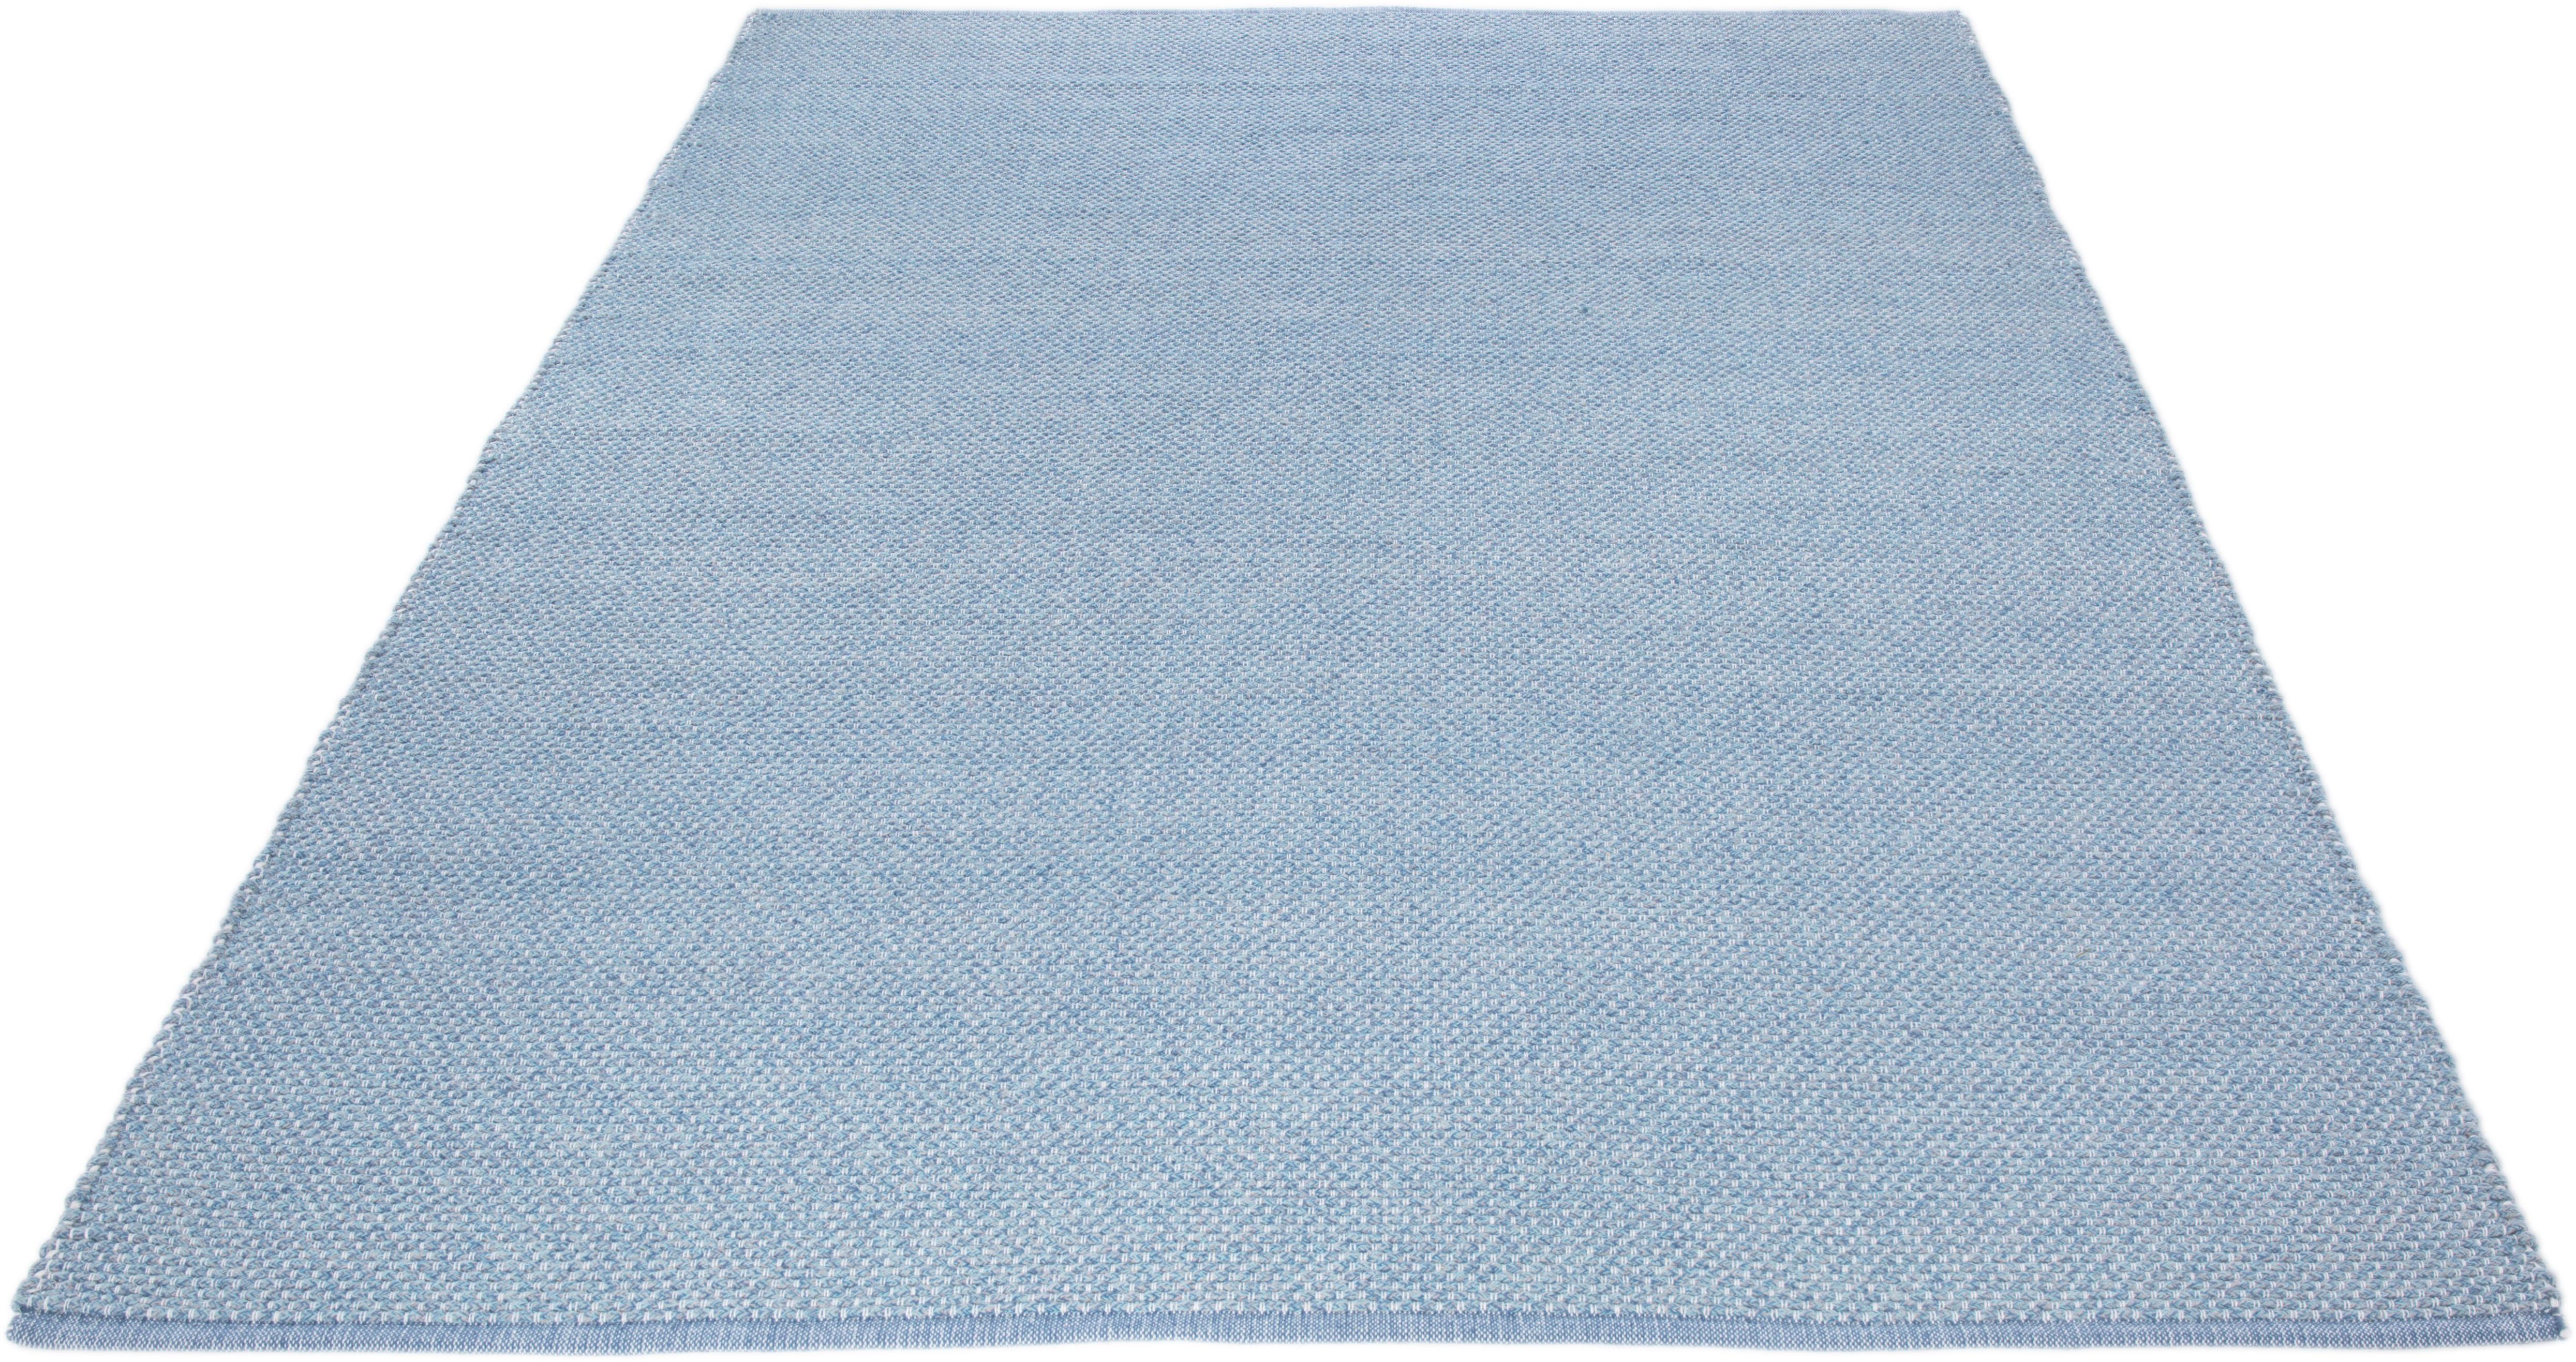 Teppich Liv Wohnidee rechteckig Höhe 12 mm handgewebt